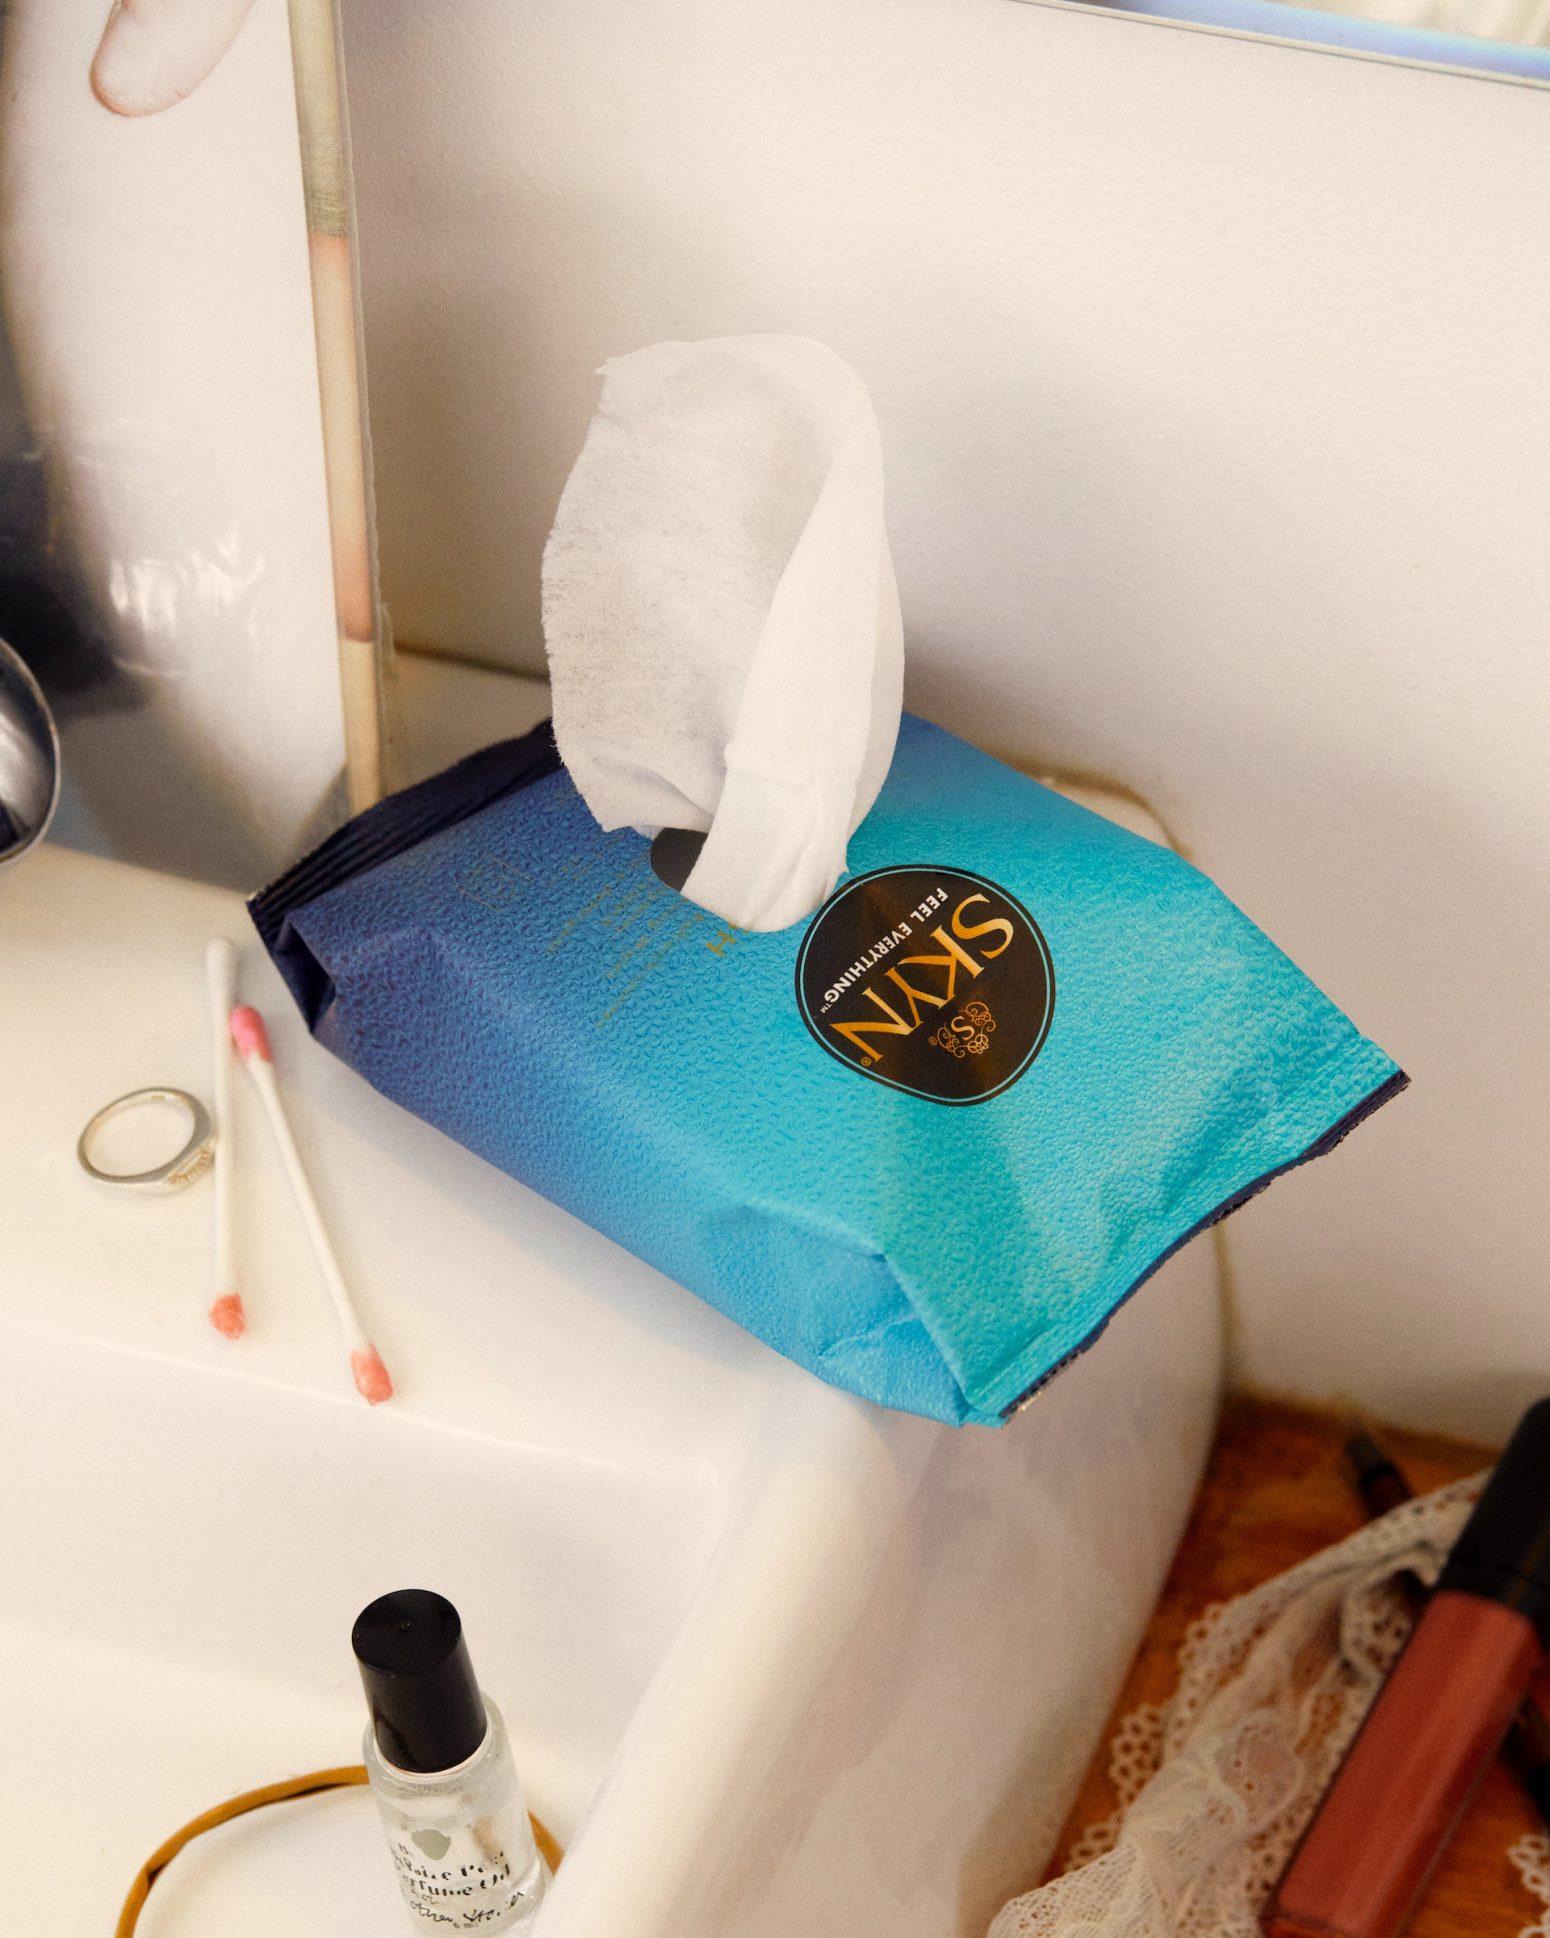 SKYN Get Fresh wipes over a bathroom sink